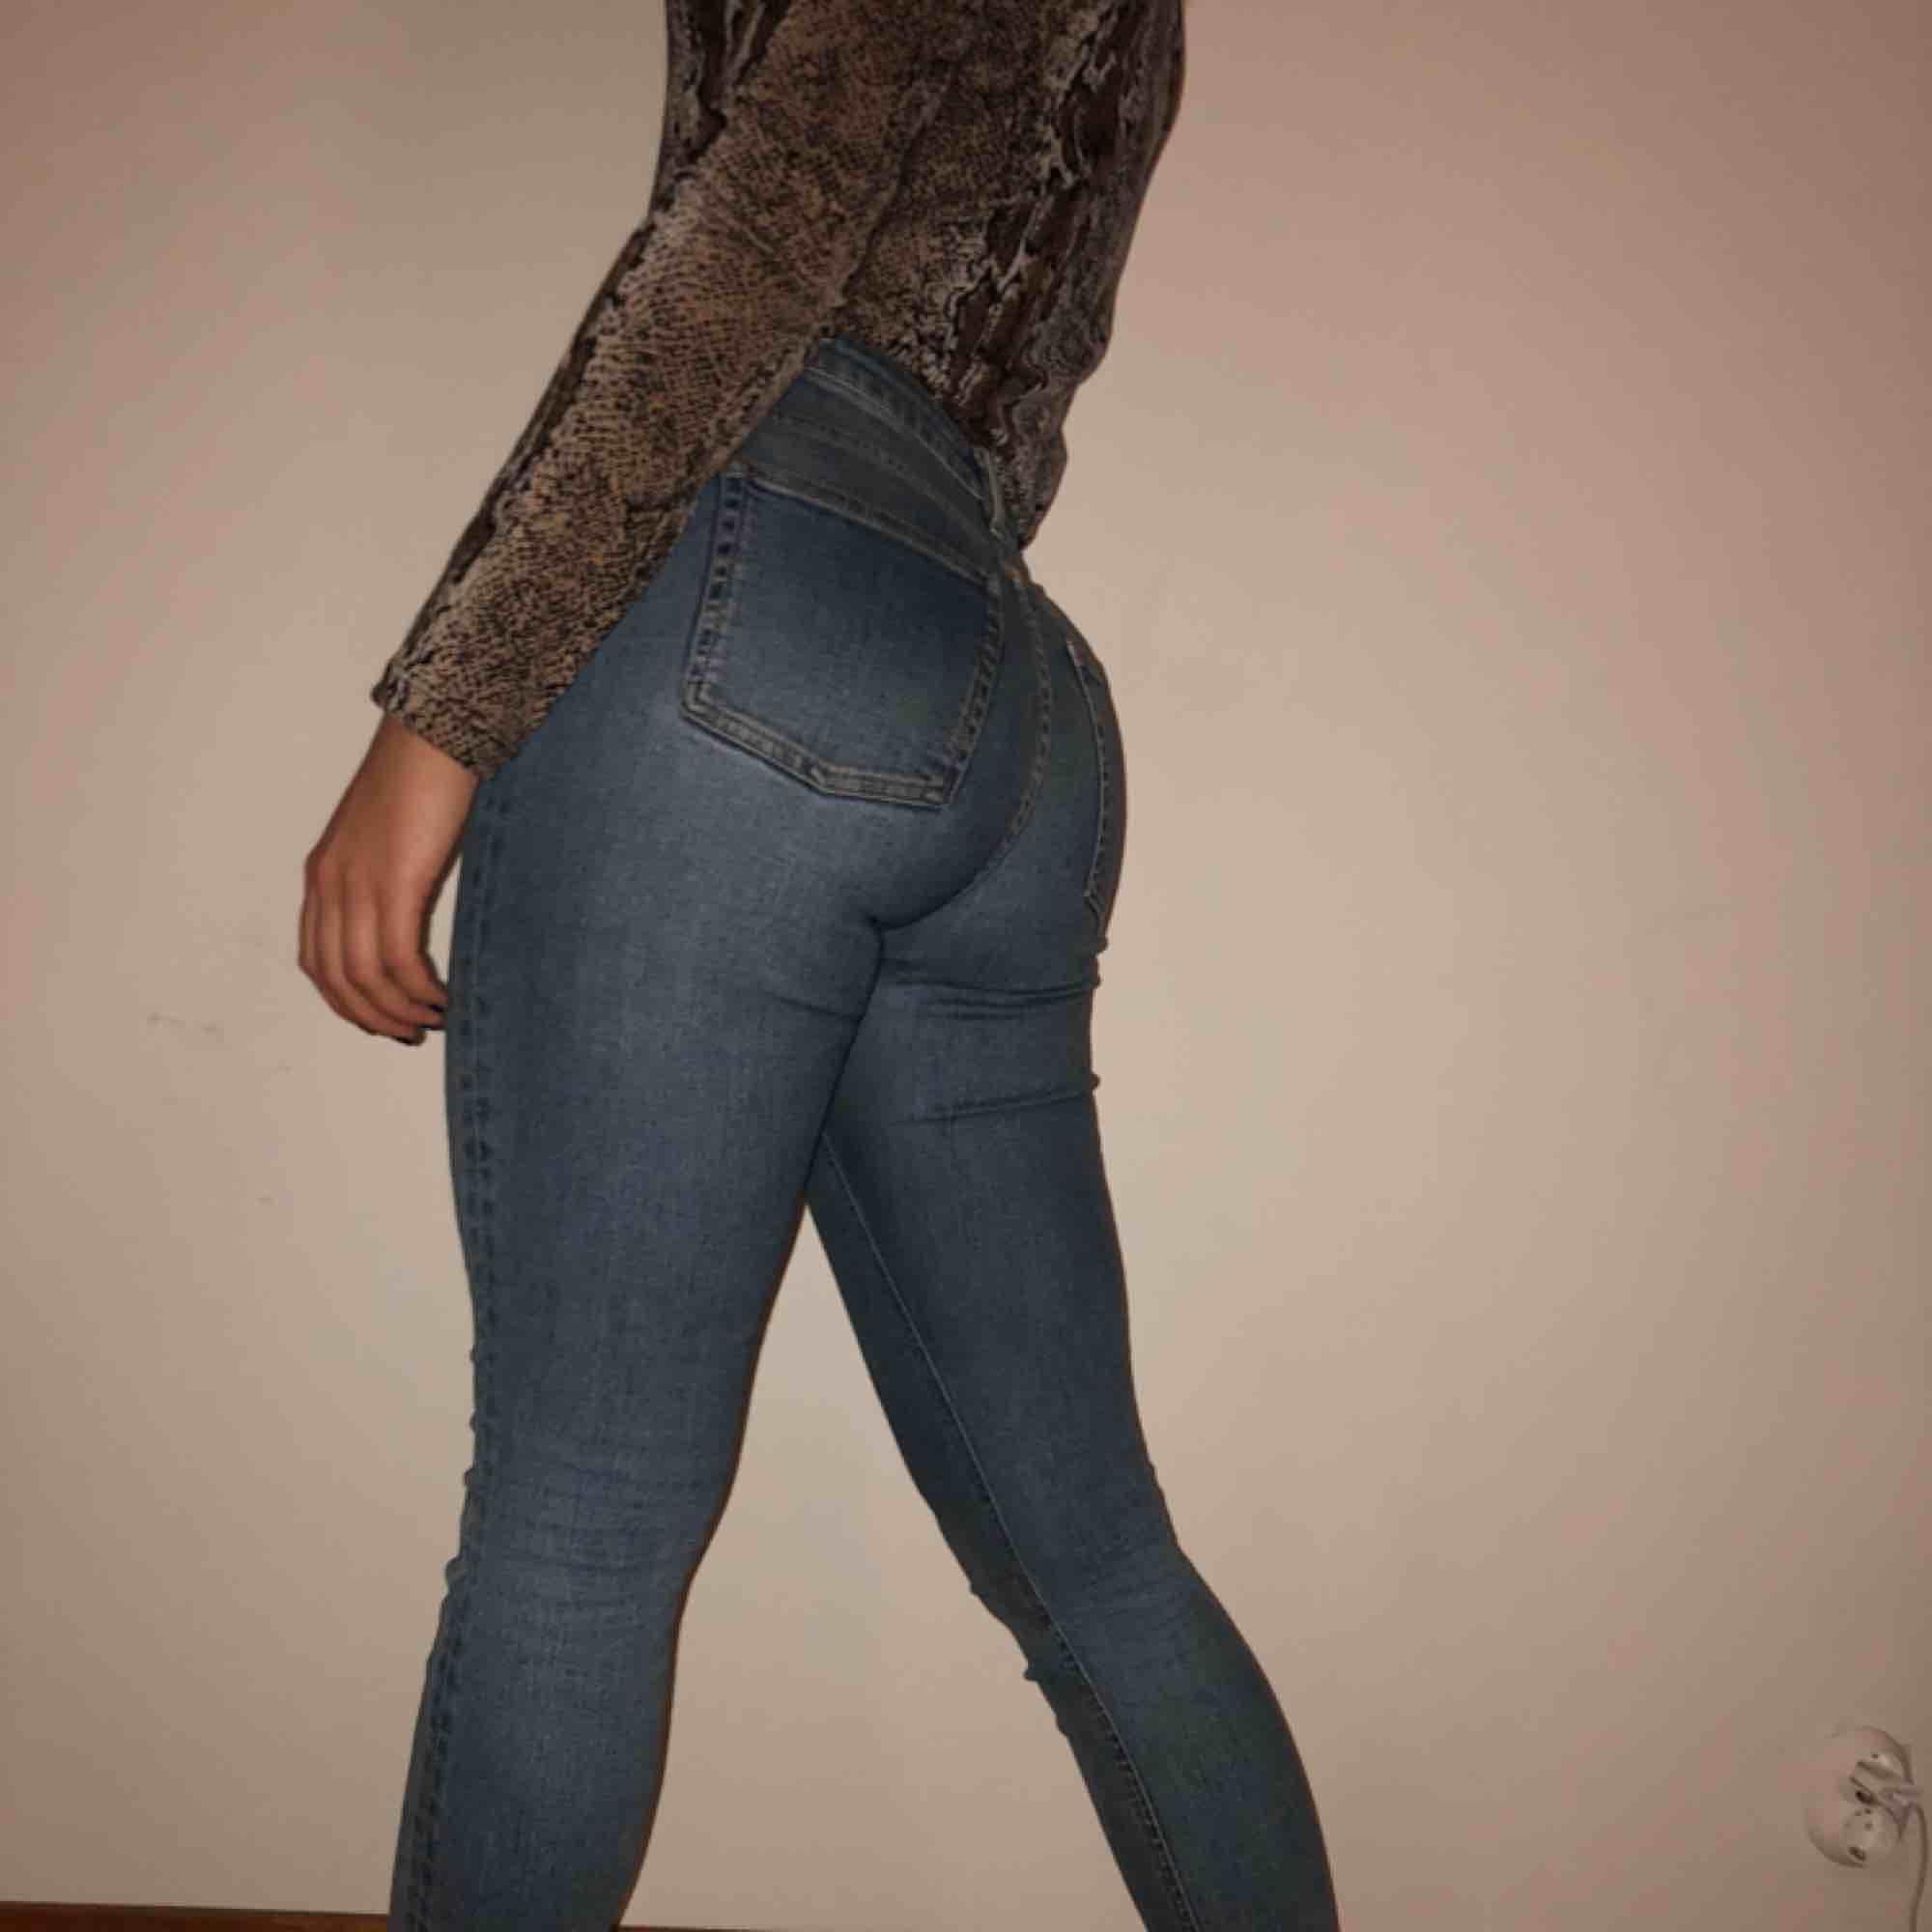 ACNE STUDIOS JEANS  Ljusblåa Acne jeans i modellen SKIN 5 MID VTG Köparen står för frakt ca: 60 kr . Jeans & Byxor.